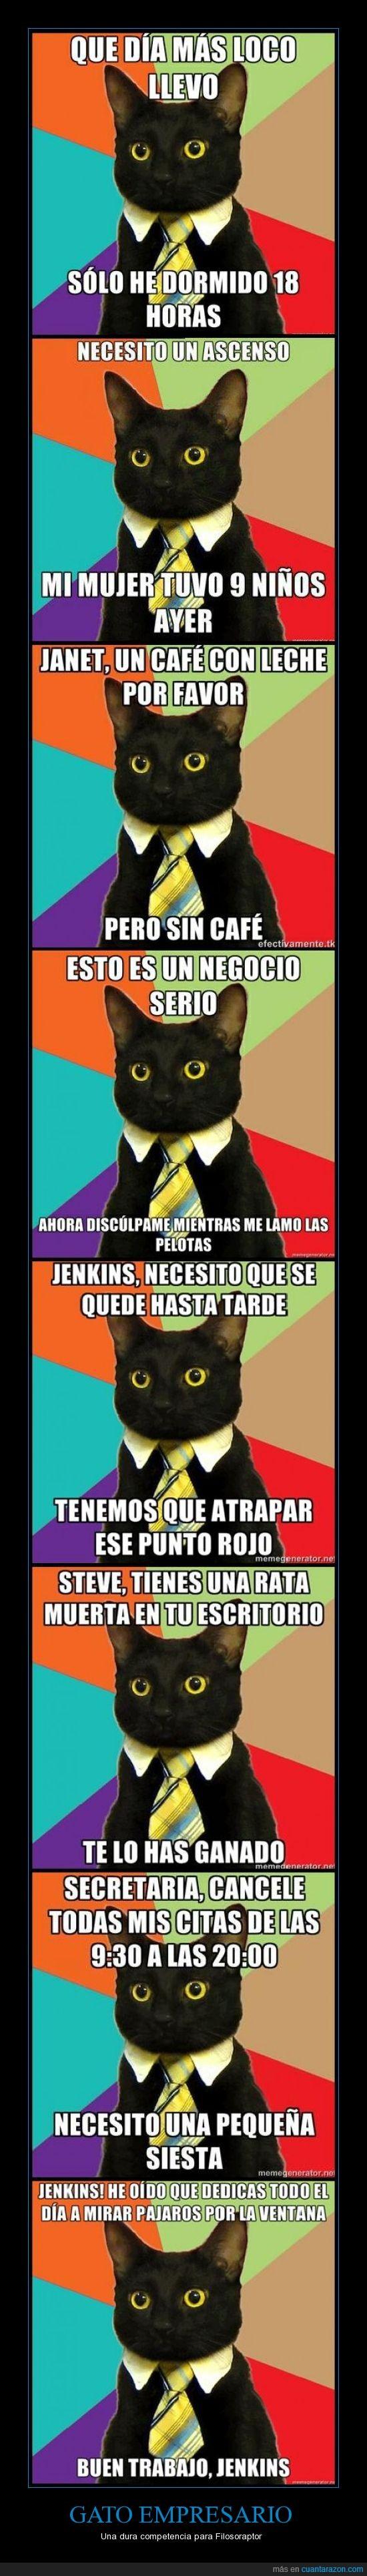 filosorraptor,gato empresario,trabajo